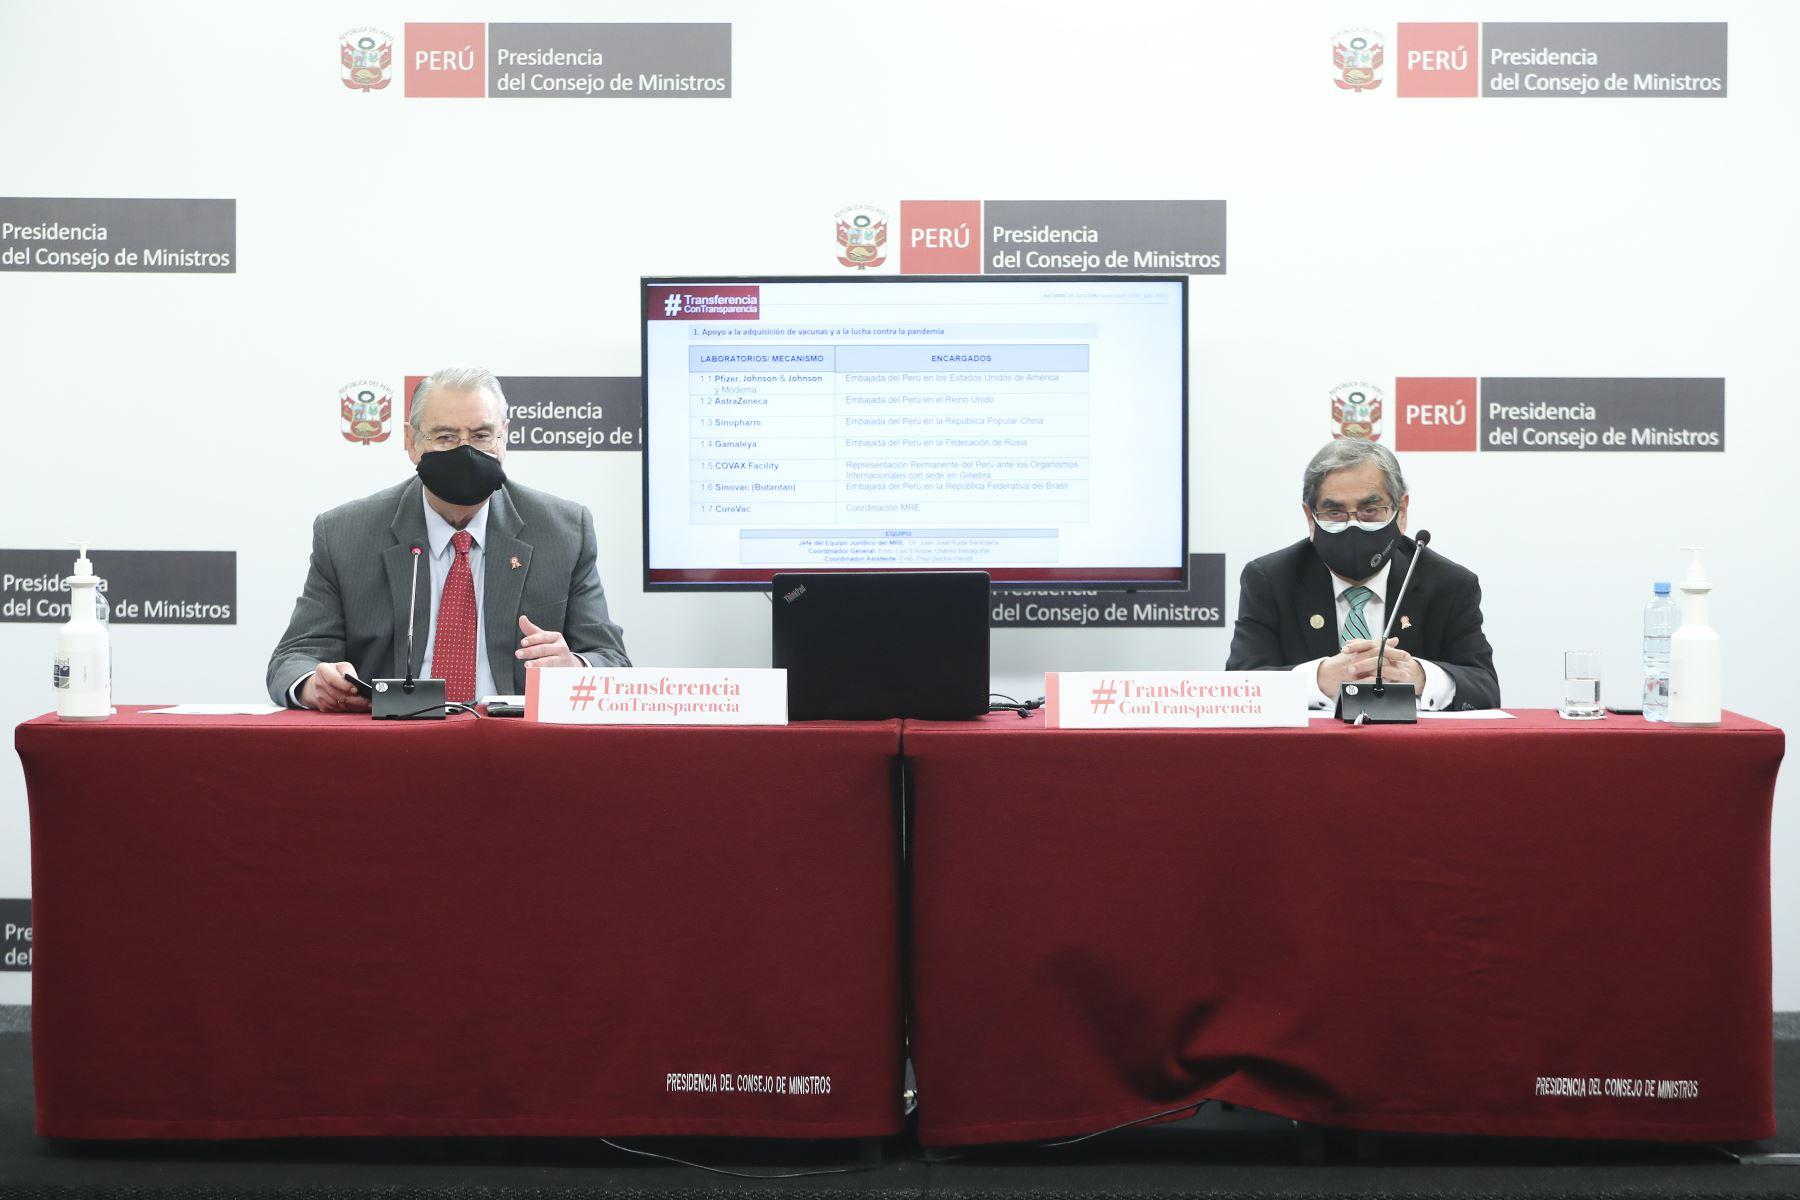 El ministro de Relaciones Exteriores, Allan Wagner, junto al titular del ministerio de Salud, Oscar Ugarte, brindan conferencia de prensa sobre el balance de su gestión. Foto: ANDINA/PCM